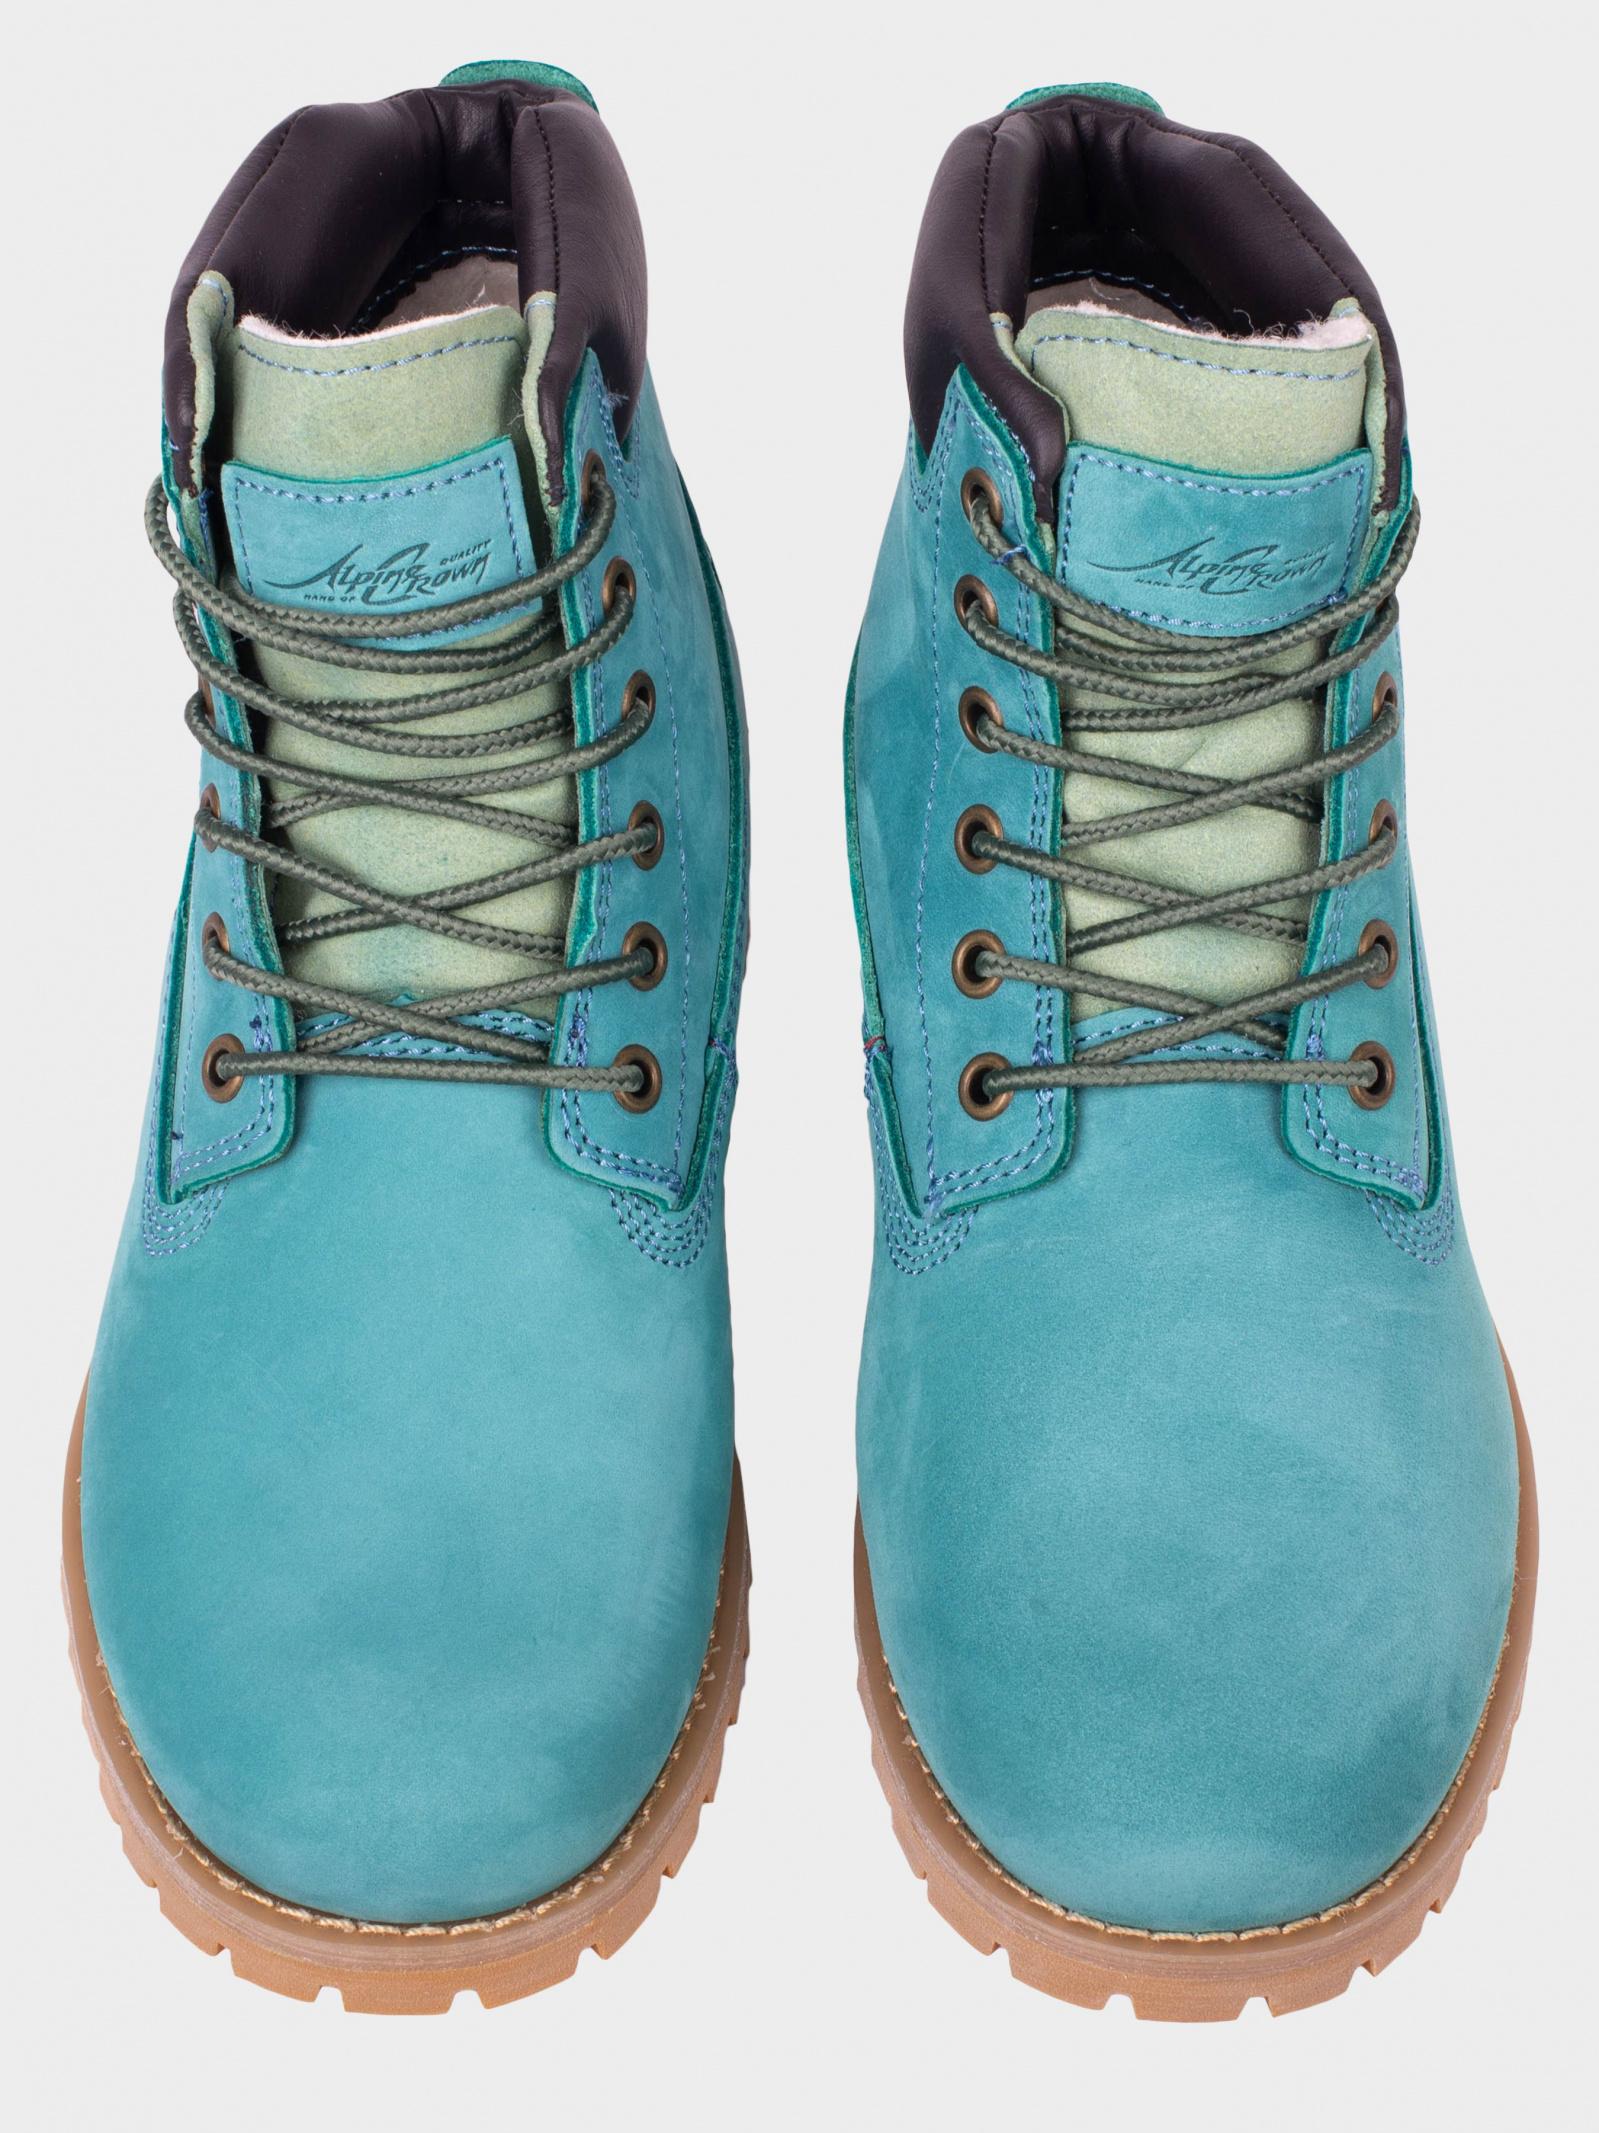 Черевики  для жінок Alpine Сrown ACFW-180429-003 ціна взуття, 2017